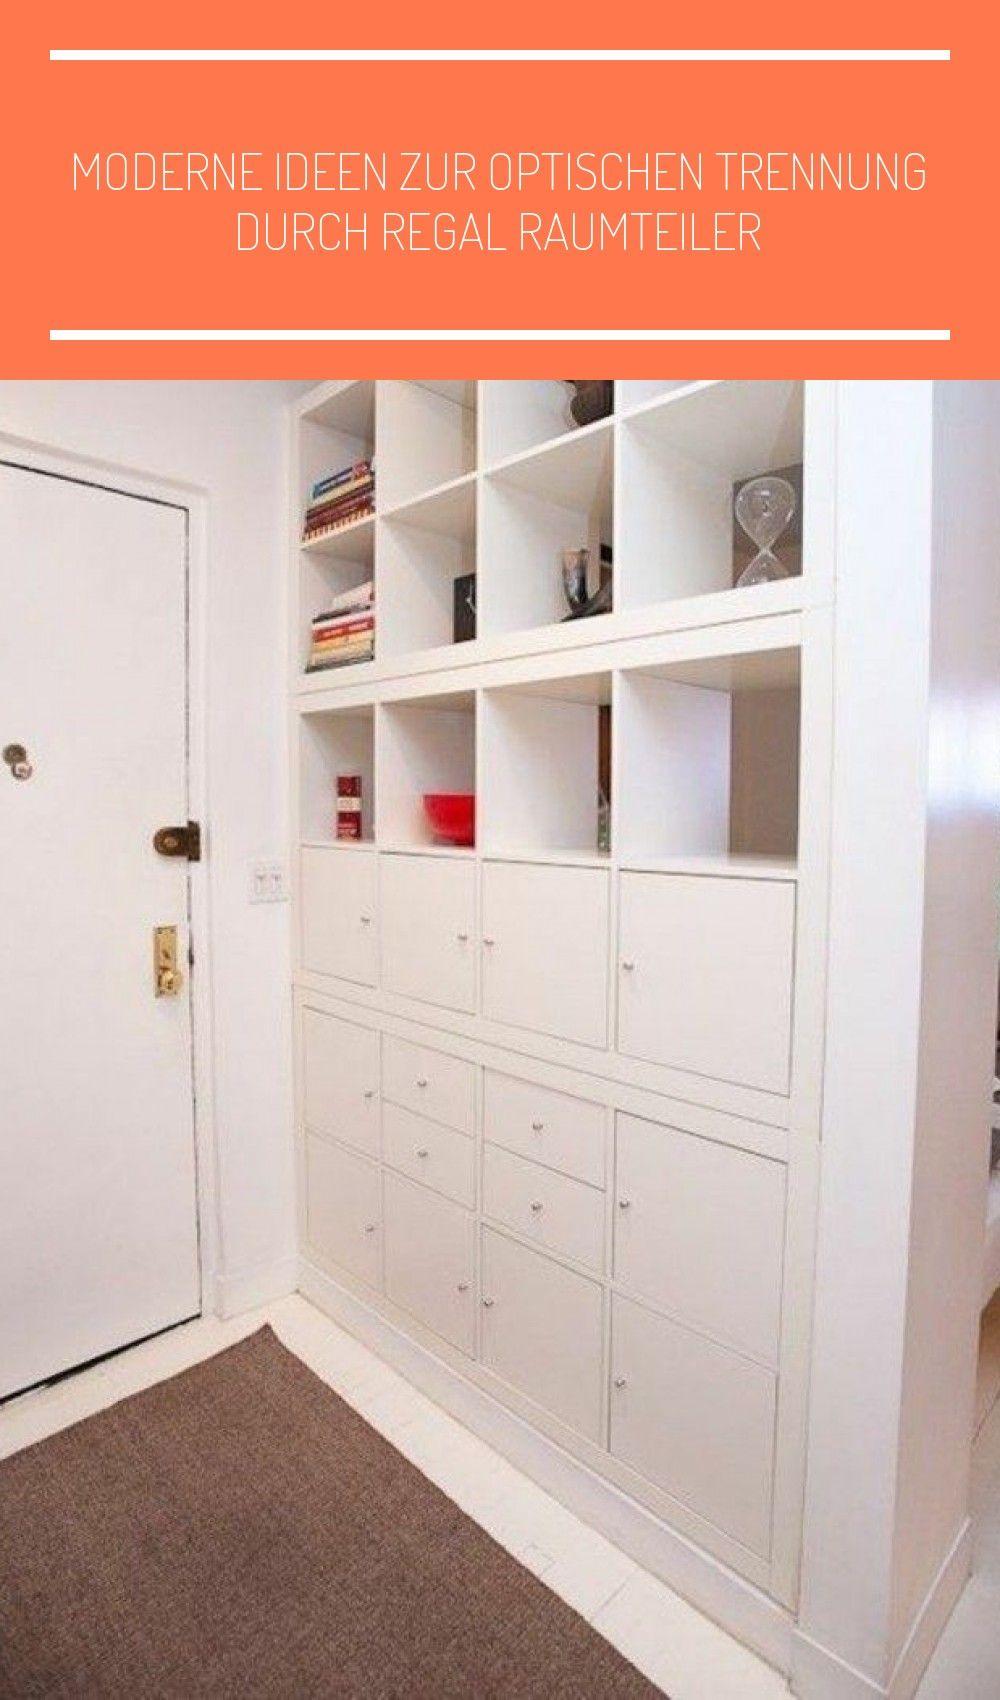 trennwand-regal-flur-wohnzimmer-geschlossener-regal-raumtrenner